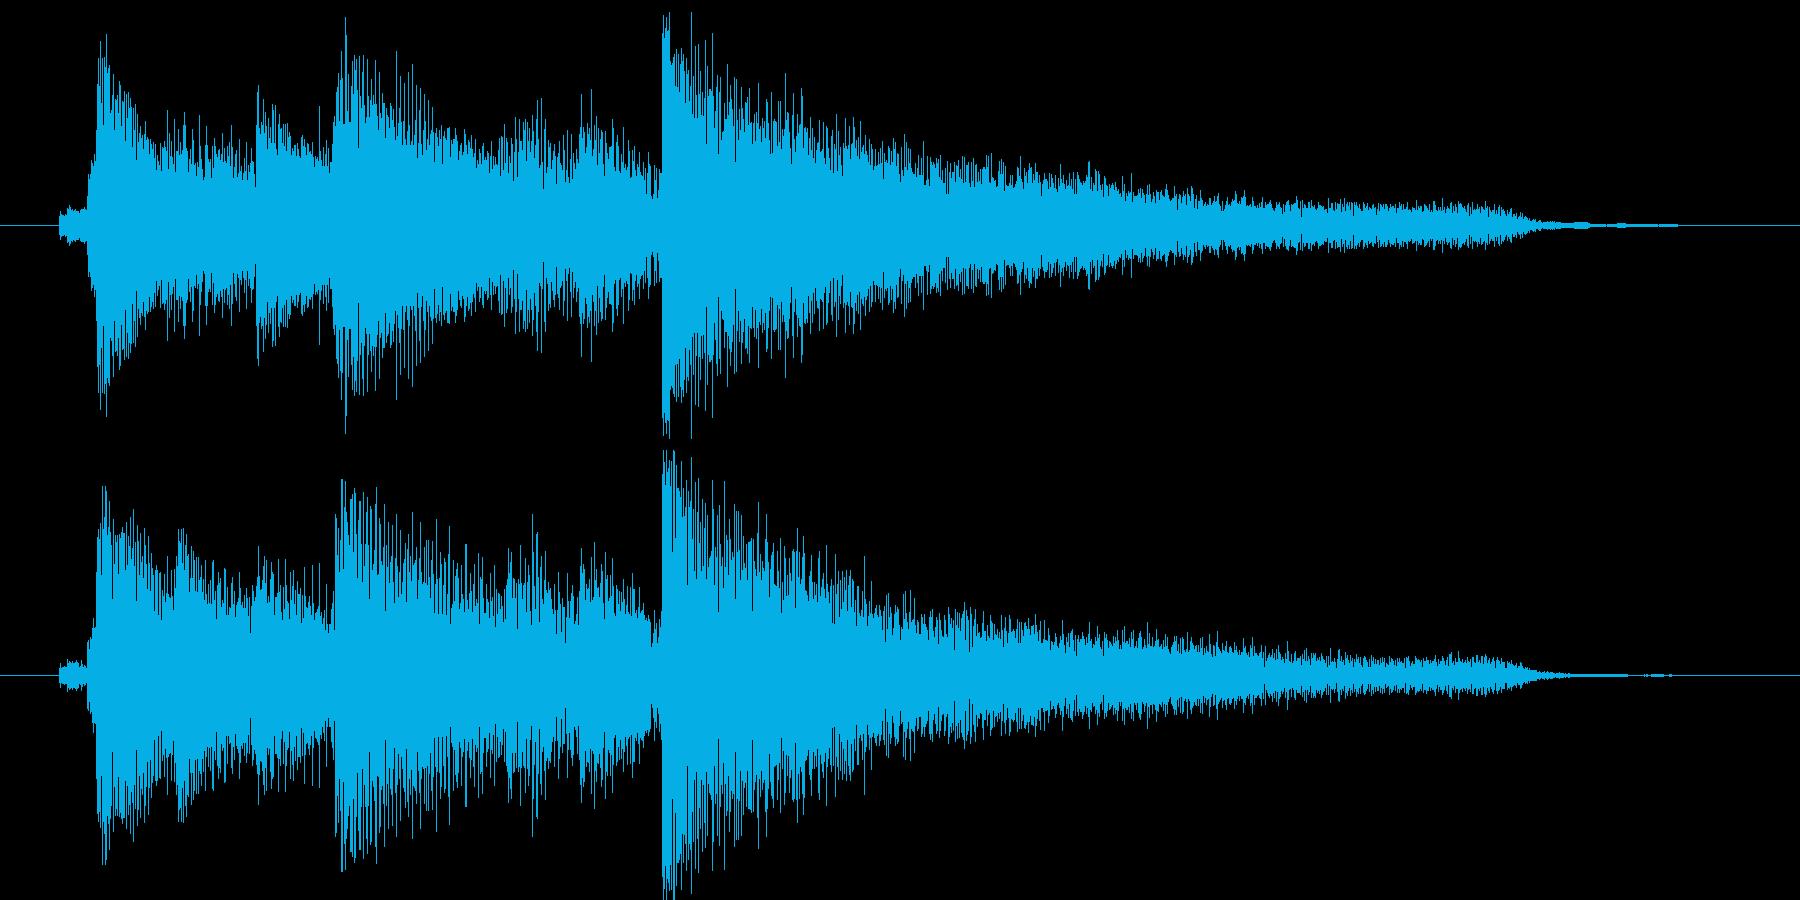 キラキラシンセとピアノのジングルの再生済みの波形